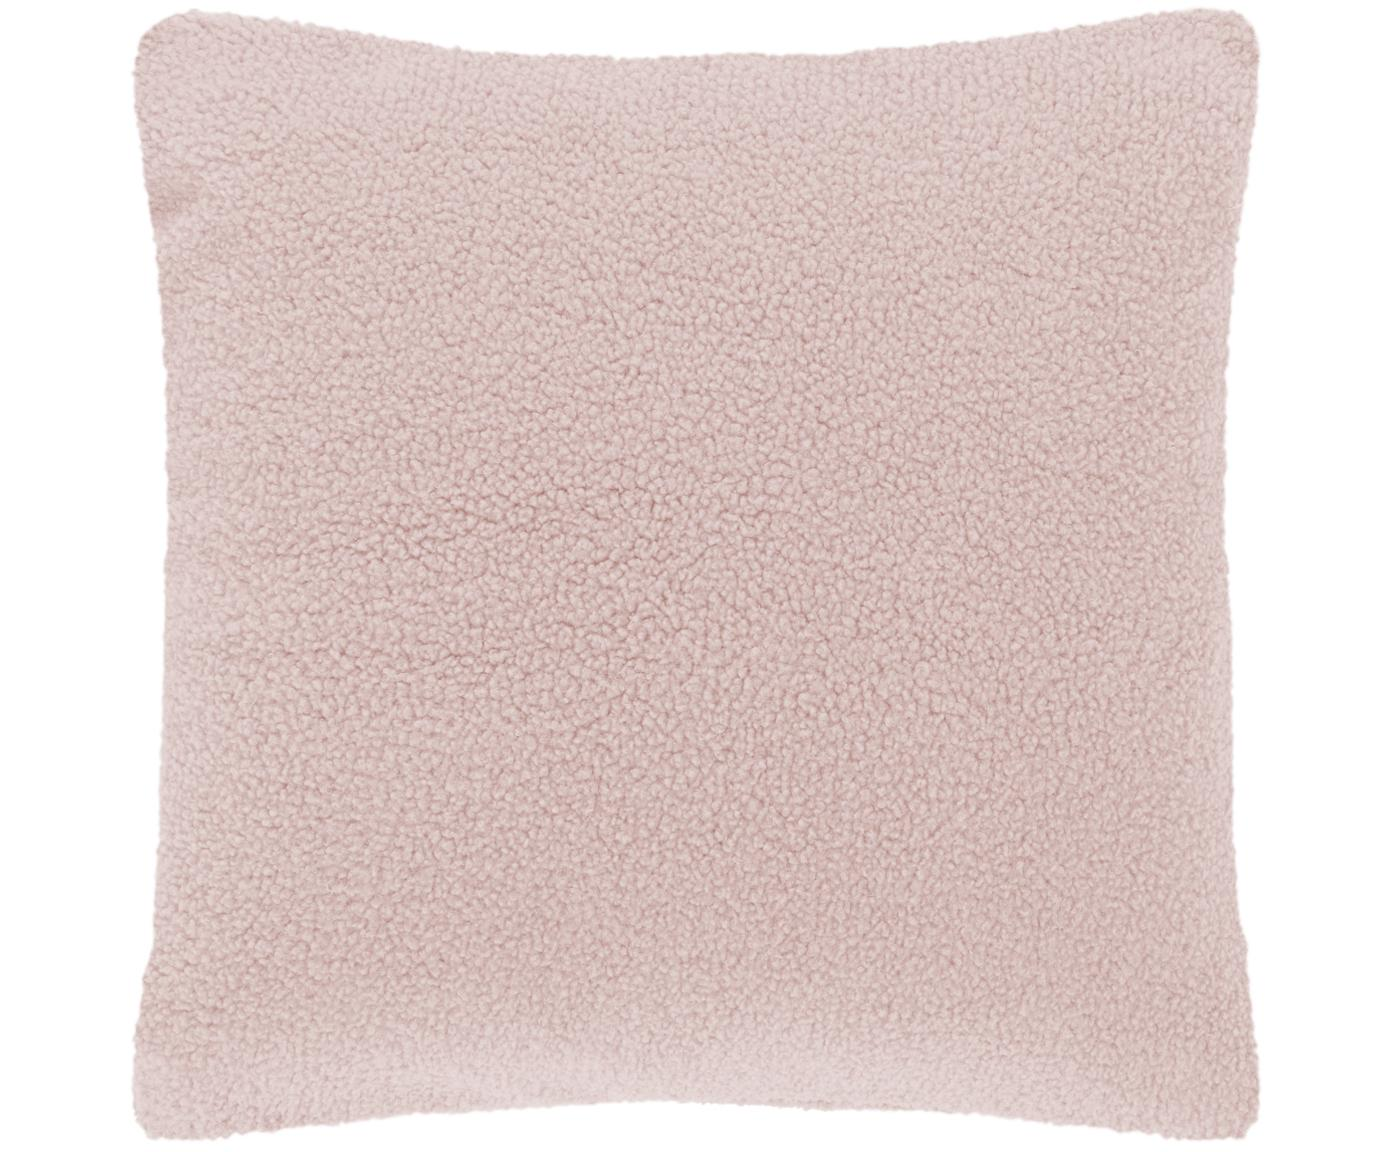 Poszewka na poduszkę Teddy Mille, Blady różowy, S 45 x D 45 cm